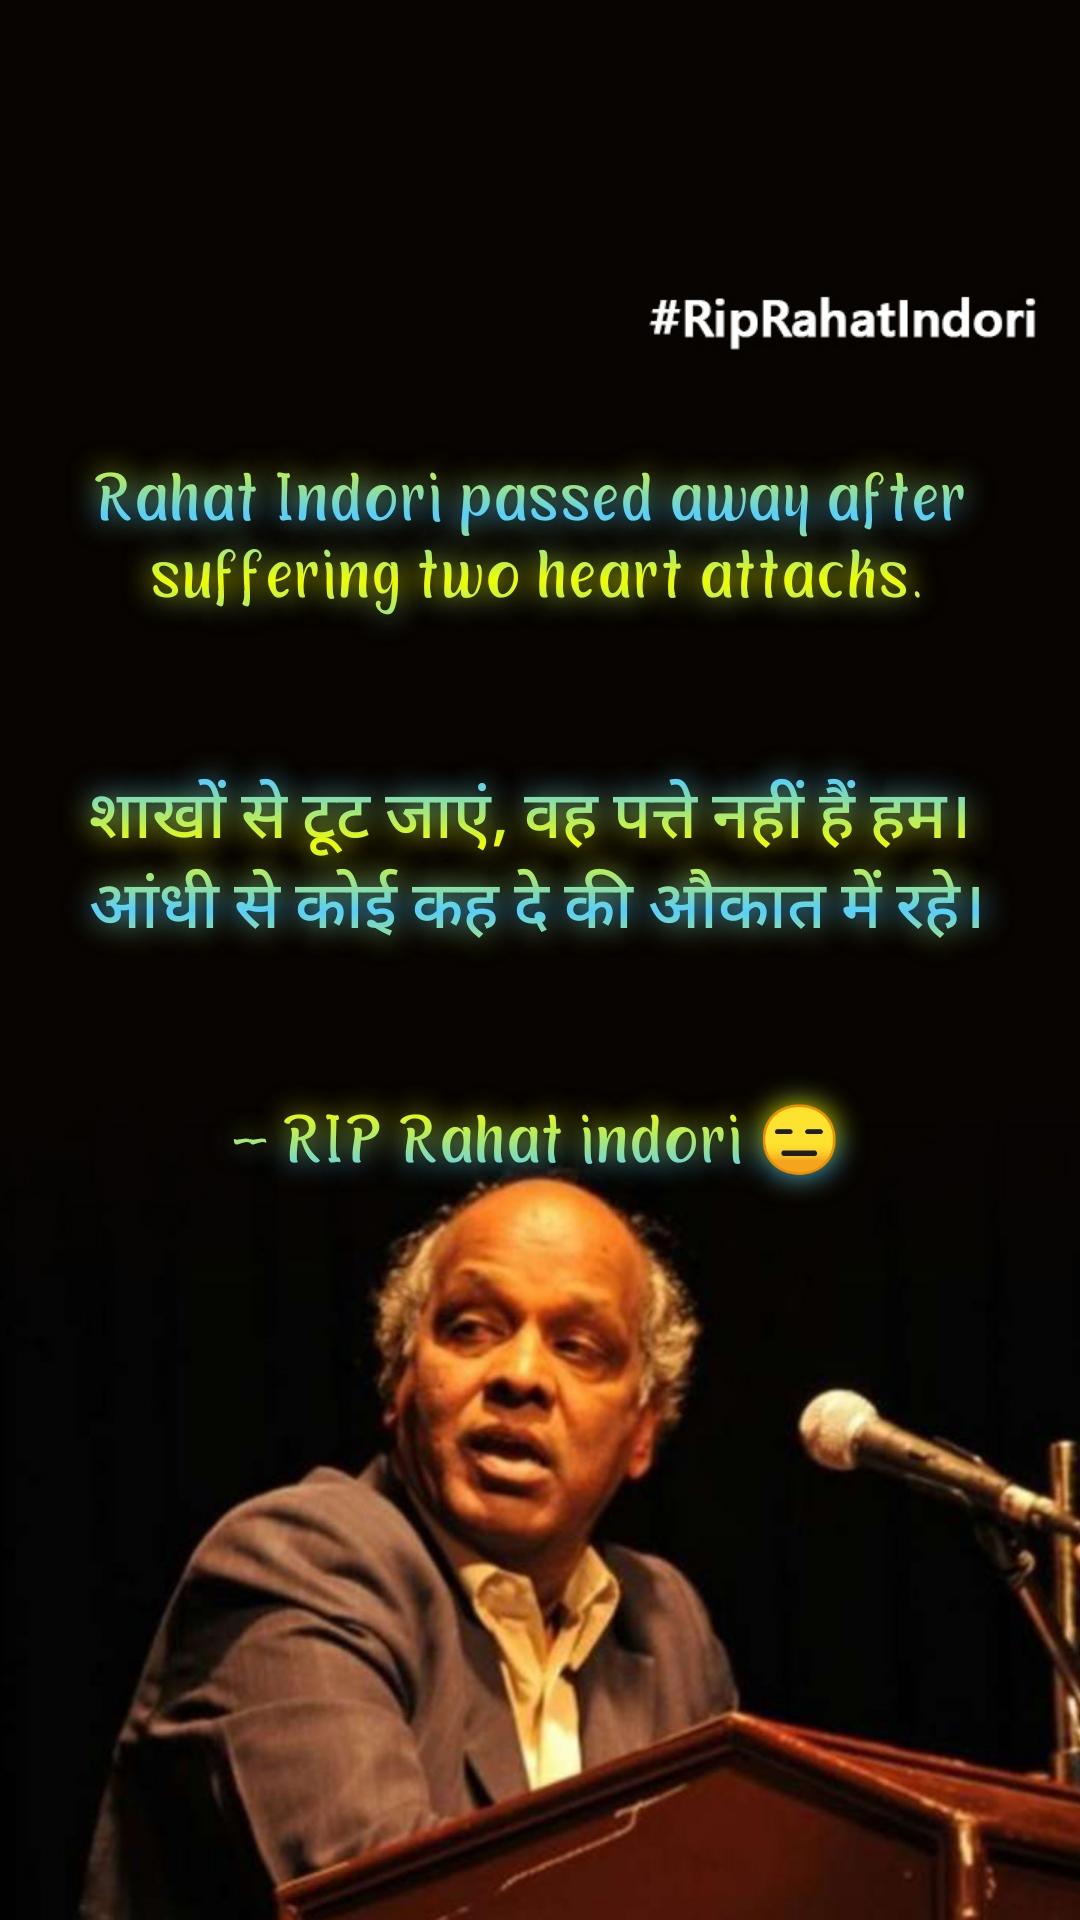 Rahat Indori passed away after  suffering two heart attacks.   शाखों से टूट जाएं, वह पत्ते नहीं हैं हम।  आंधी से कोई कह दे की औकात में रहे।   -- RIP Rahat indori 😑